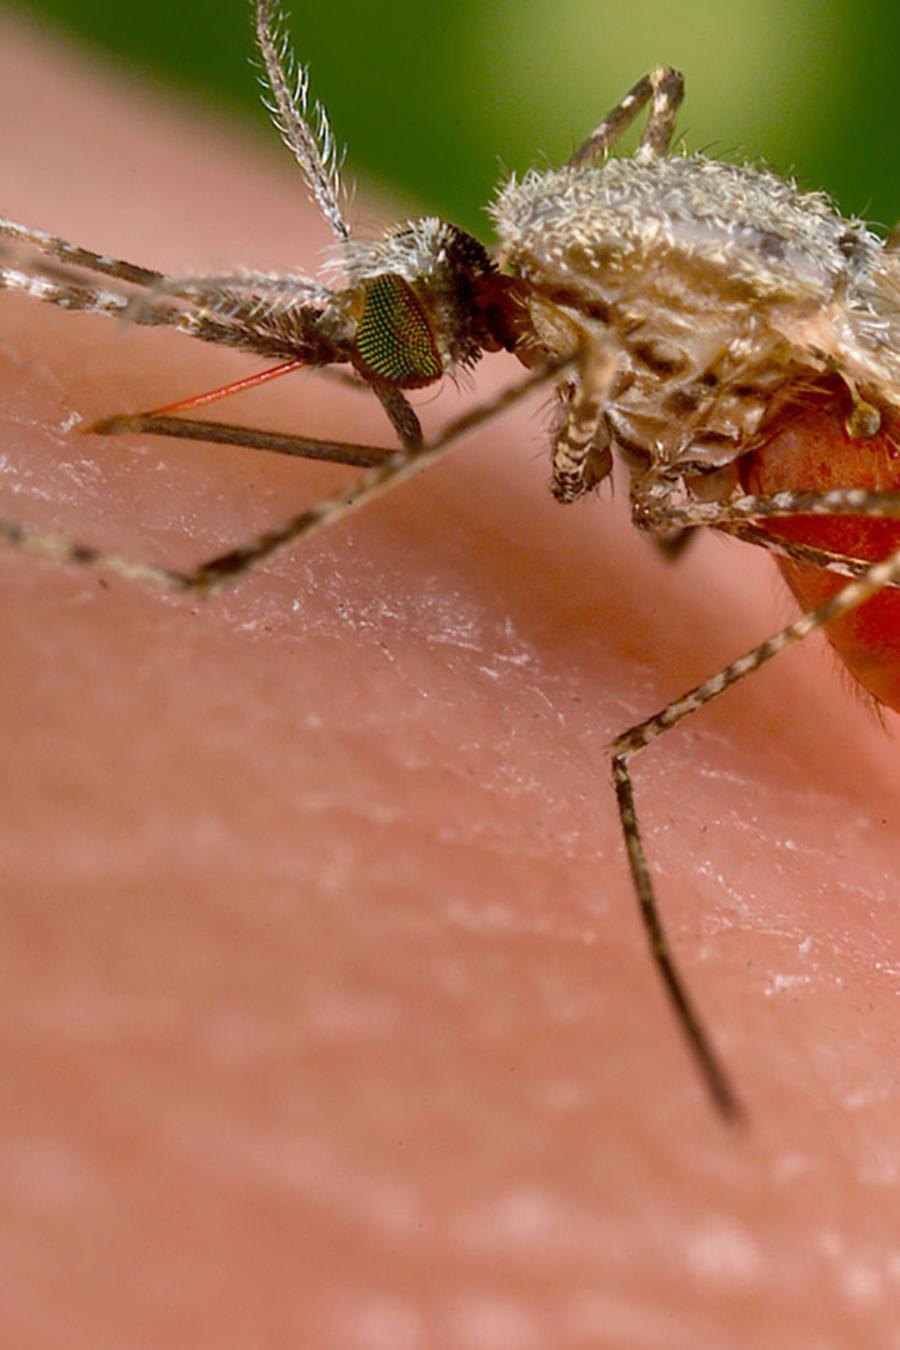 zika and mosquito